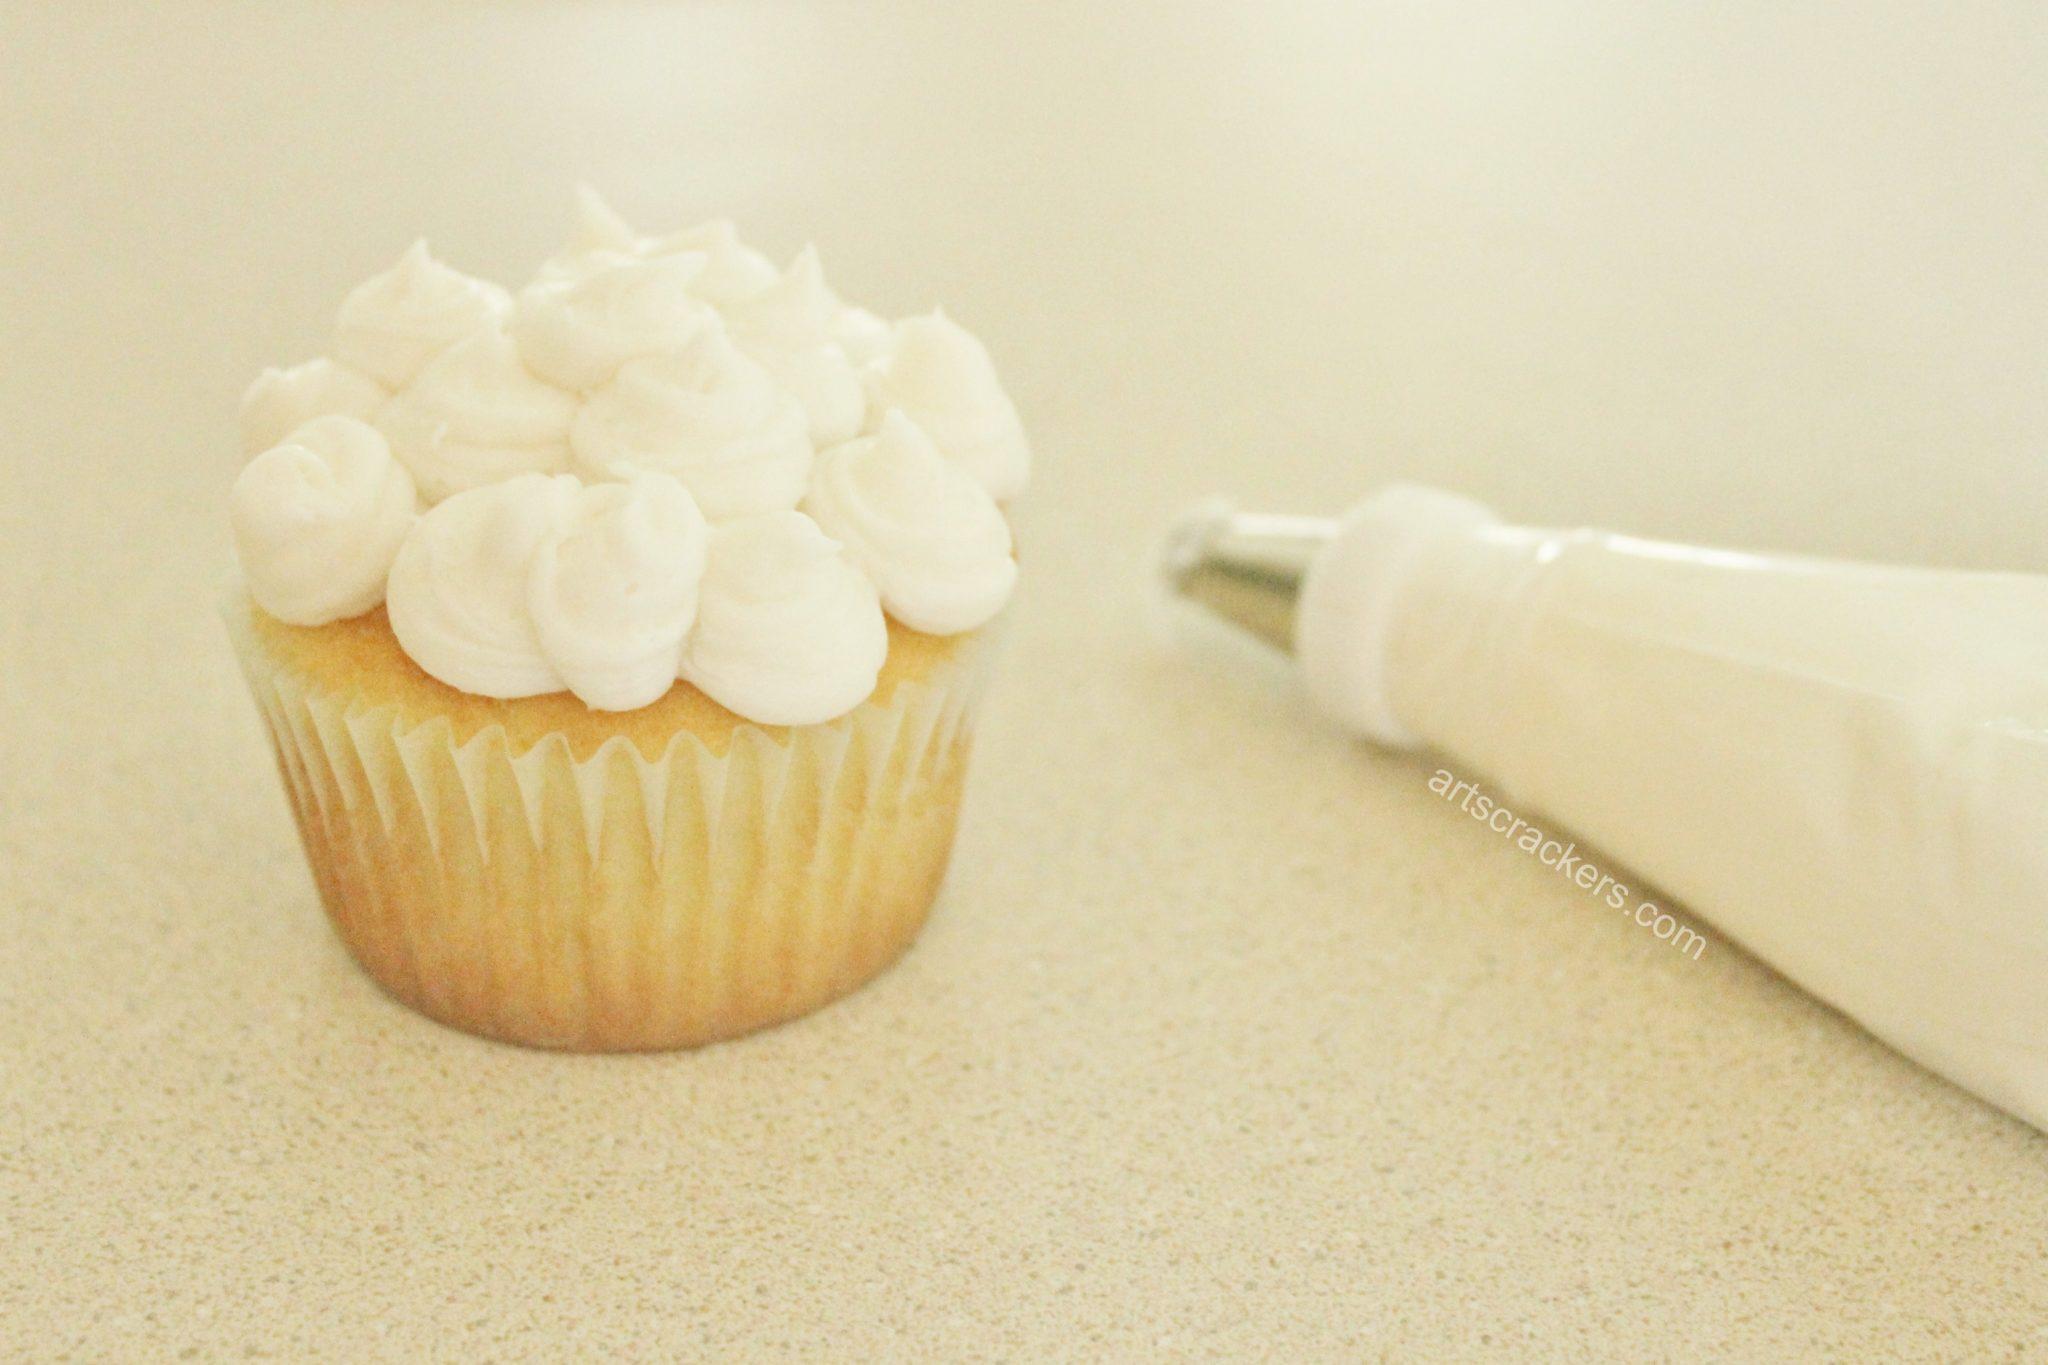 Biplane Cupcake Frosting